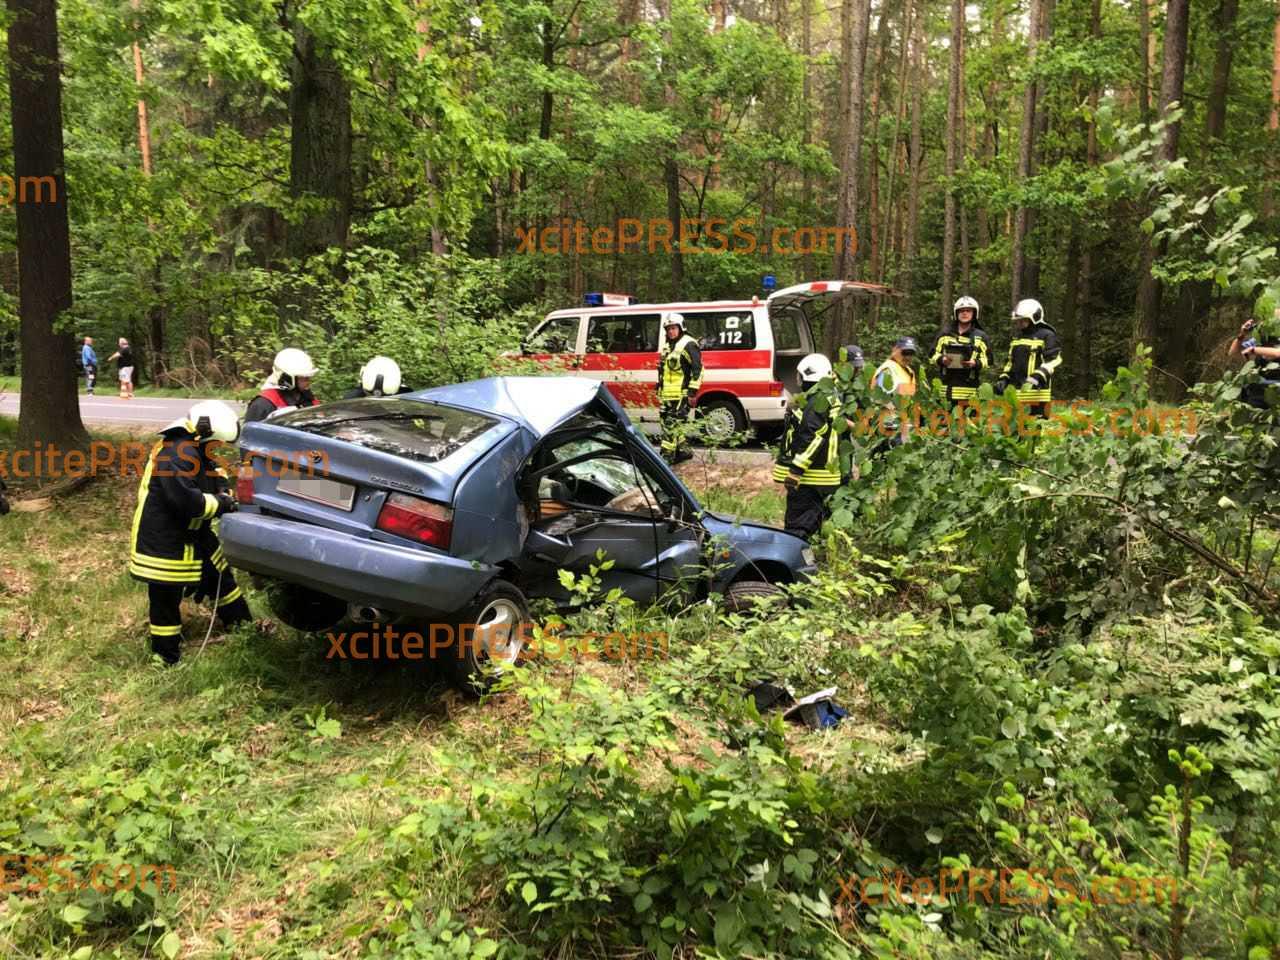 Schwerer Crash: PKW überschlägt sich und landet in Waldstück: Fahrer schwerstverletzt in Krankenhaus gebracht, Suche nach vermuteter zweiter Person eingestellt